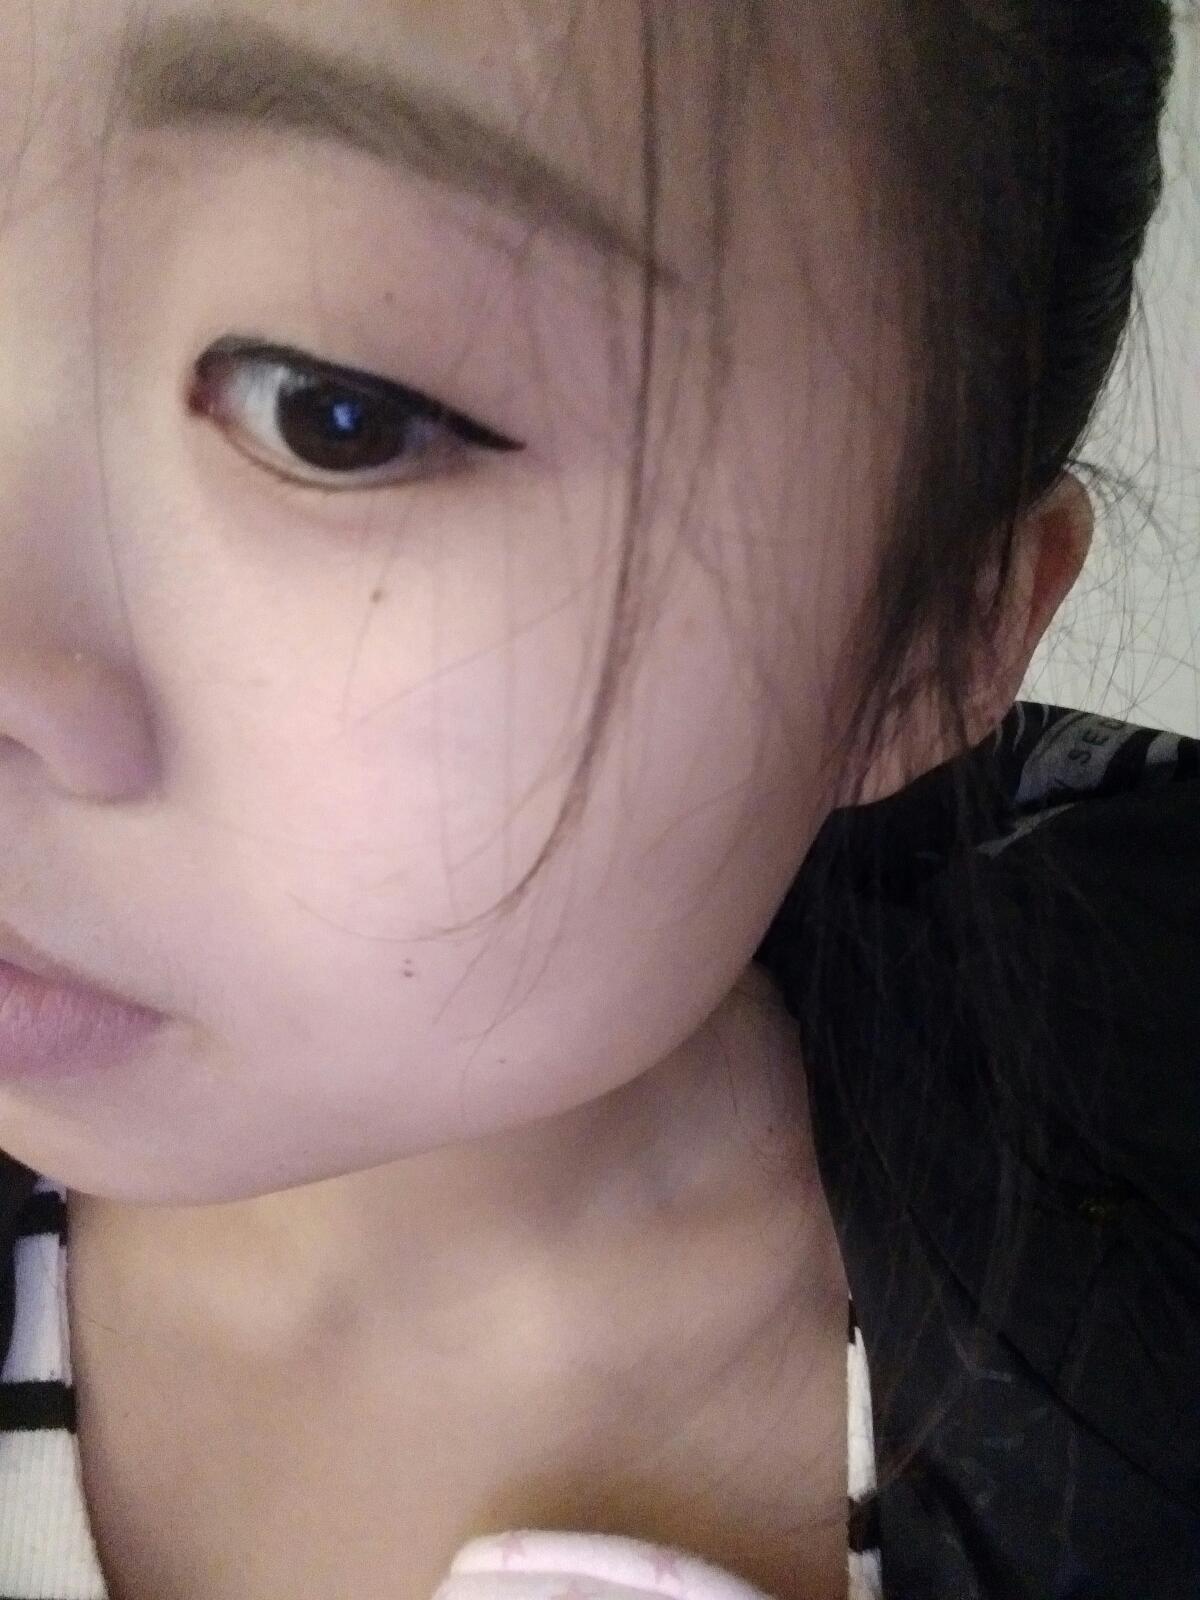 听说这里很多化妆达人  请教一下美妈们  单眼皮小眼睛  怎么化眼线图片